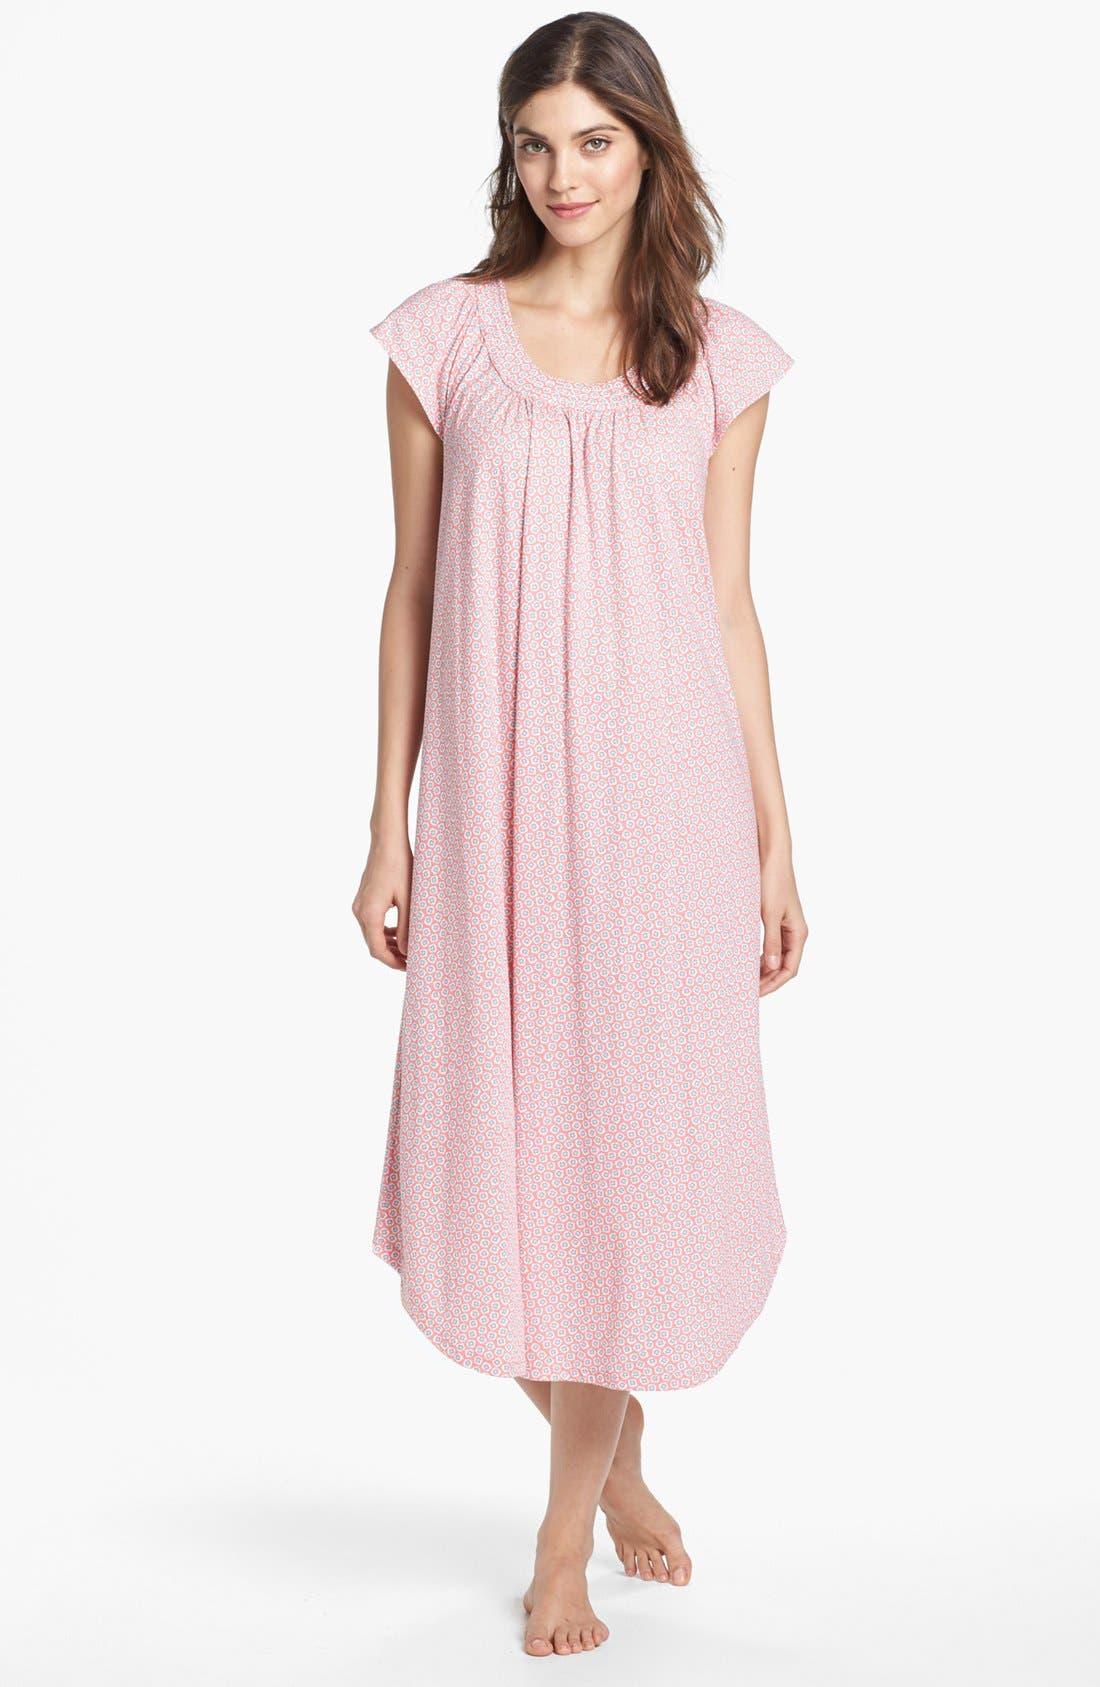 Main Image - Carole Hochman Designs 'Garden Delights' Nightgown